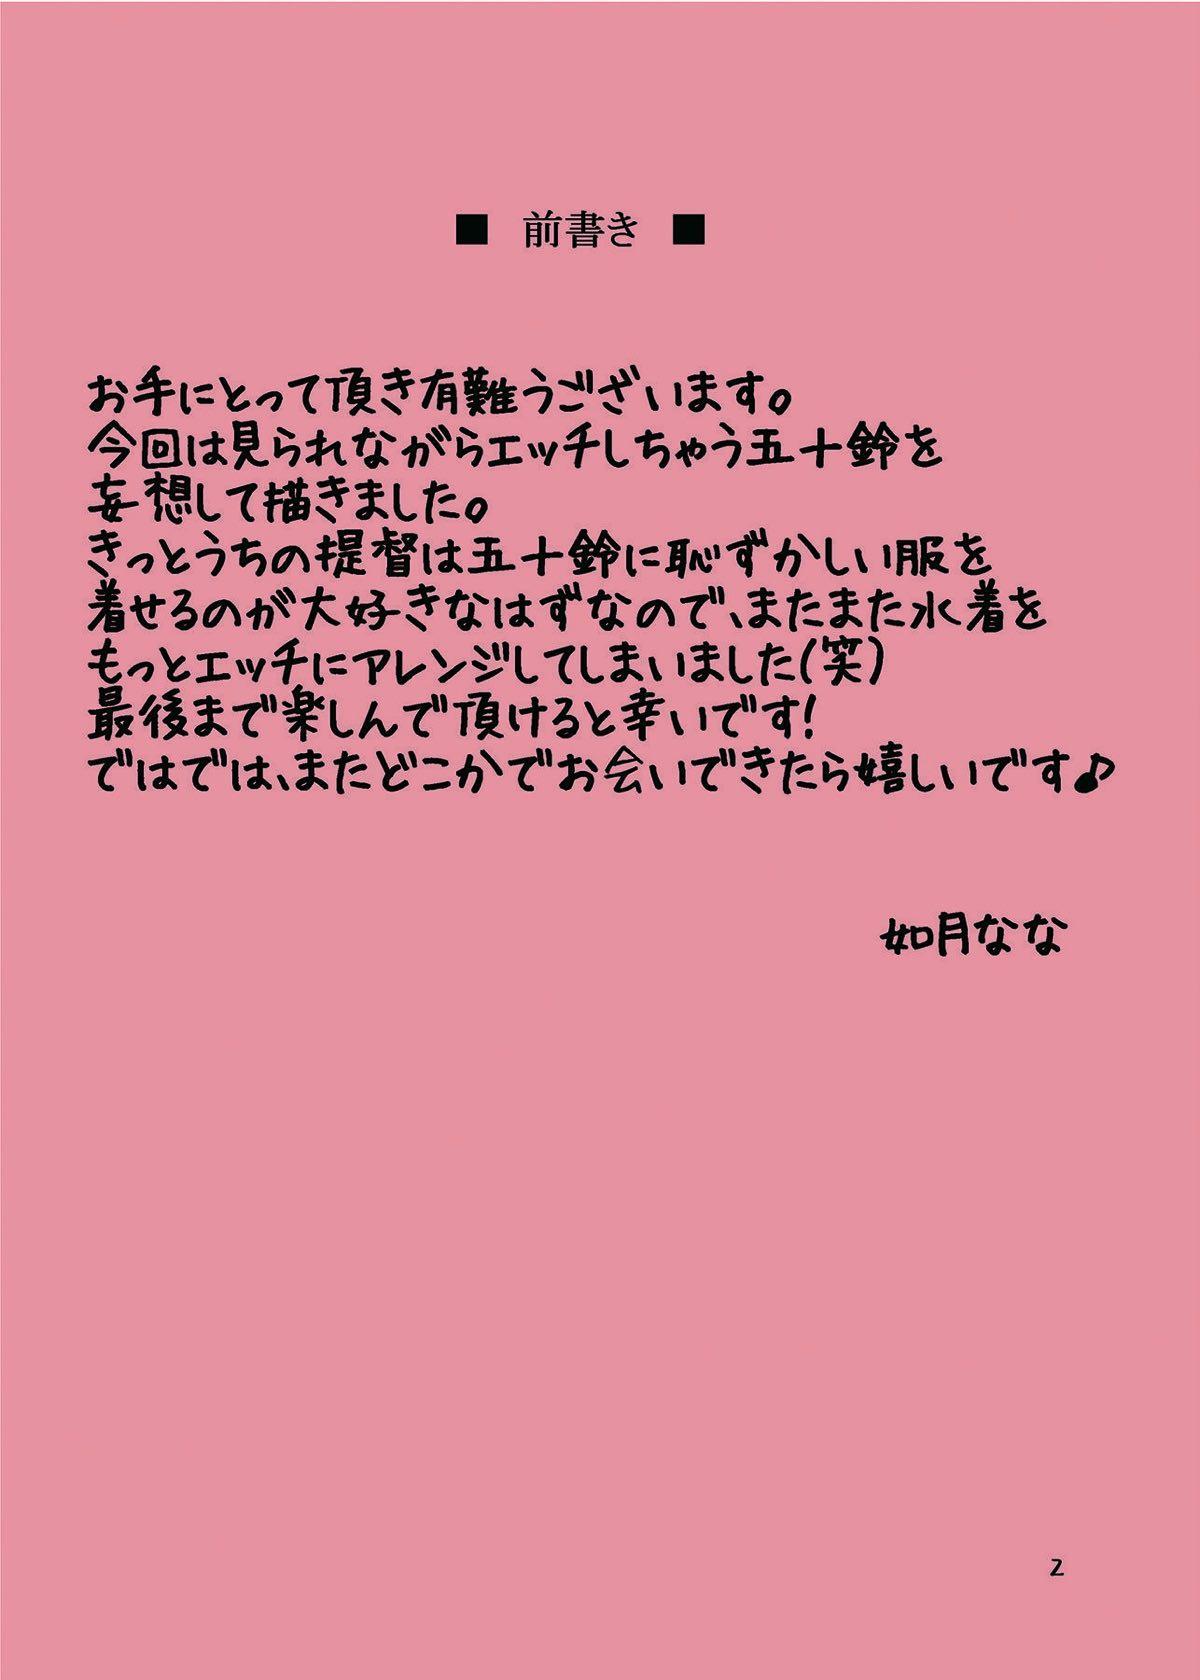 Isuzu no Natsu Asobi 1